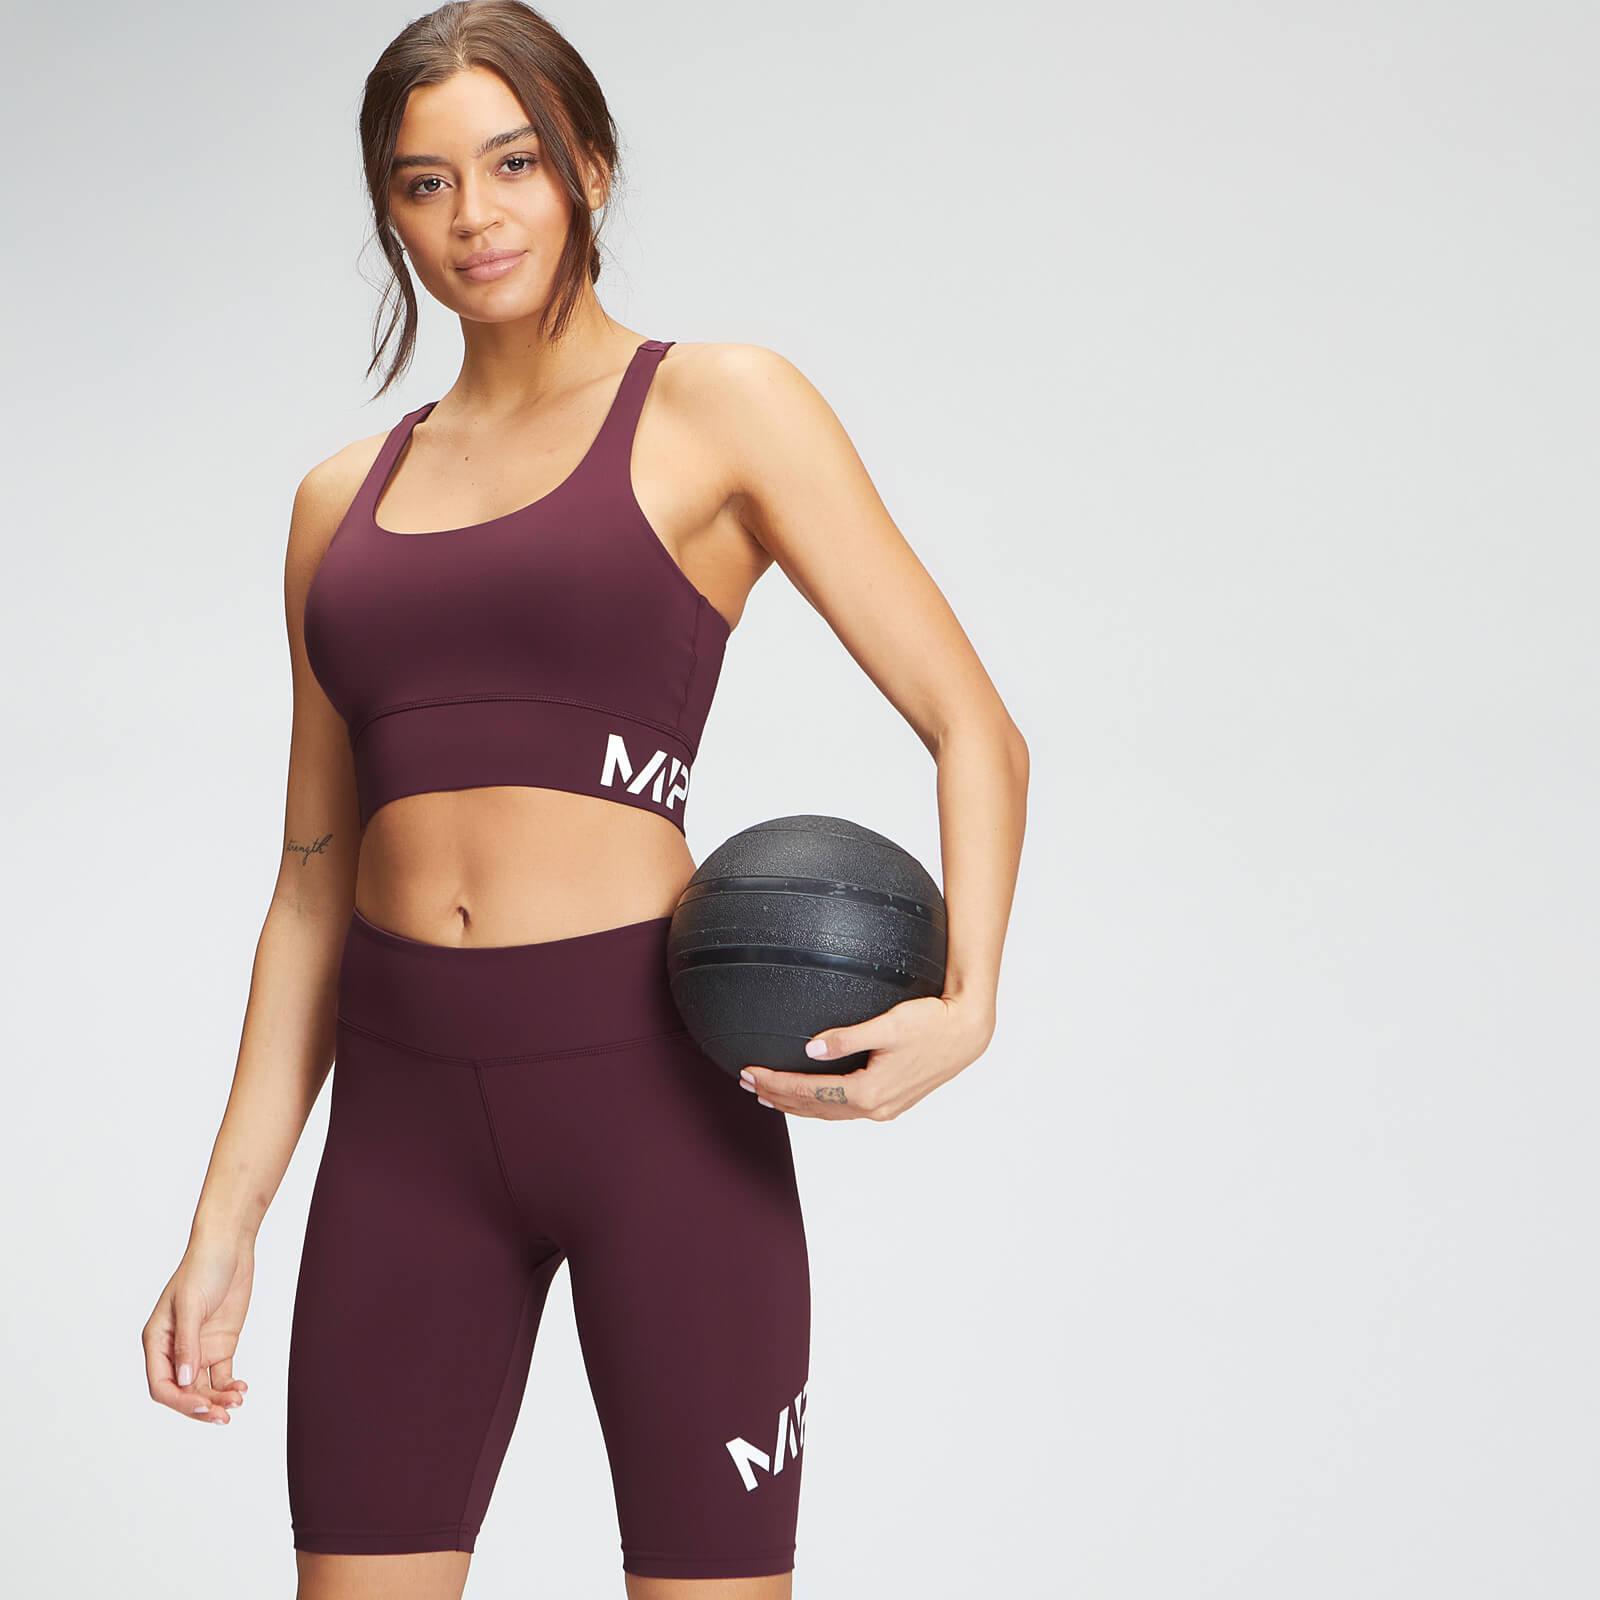 Купить MP Essentials Training Women's Sports Bra - Port - XXL, Myprotein International